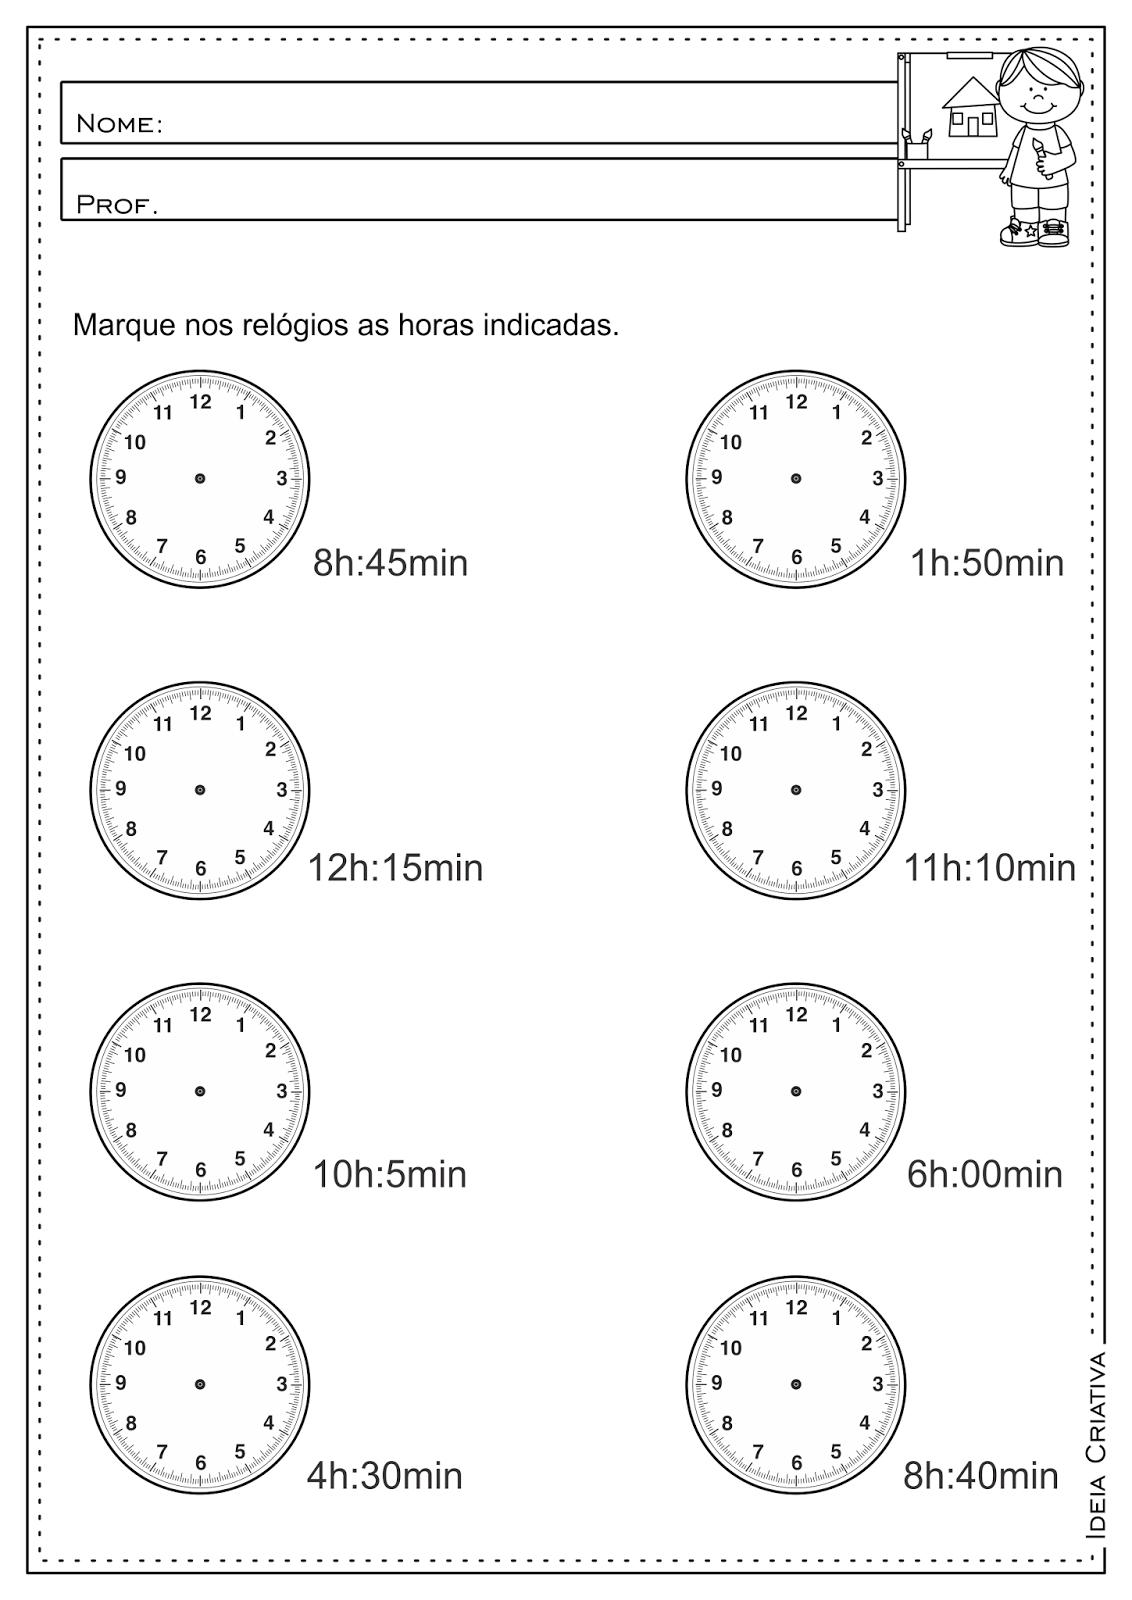 Como fazer o segundo ciclo com clomid